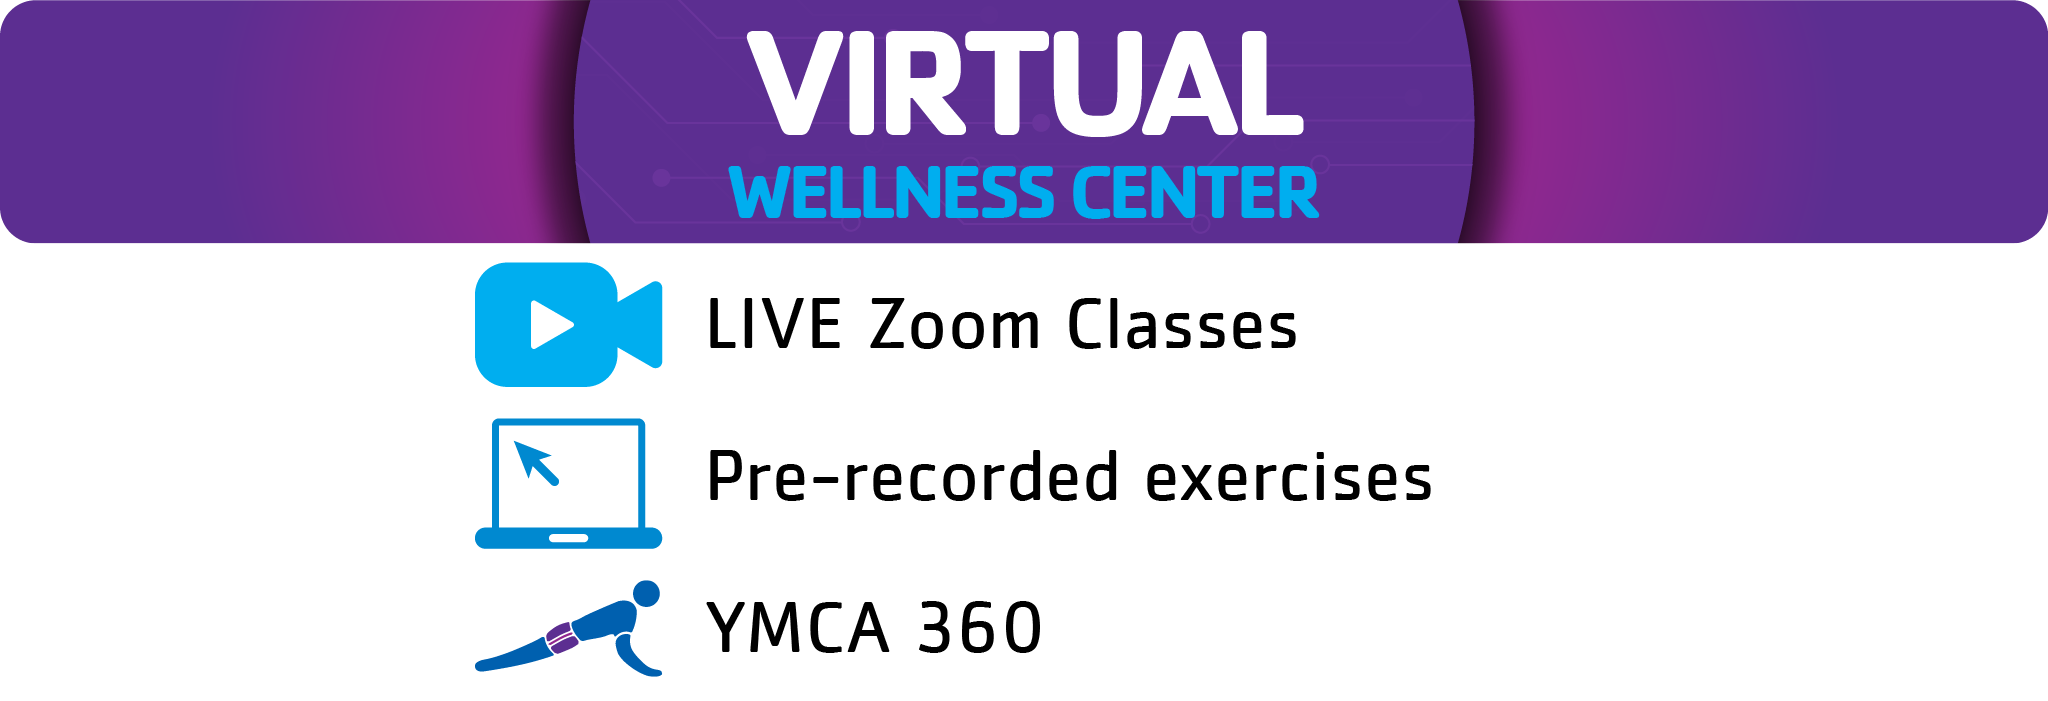 Virtual Wellness Center